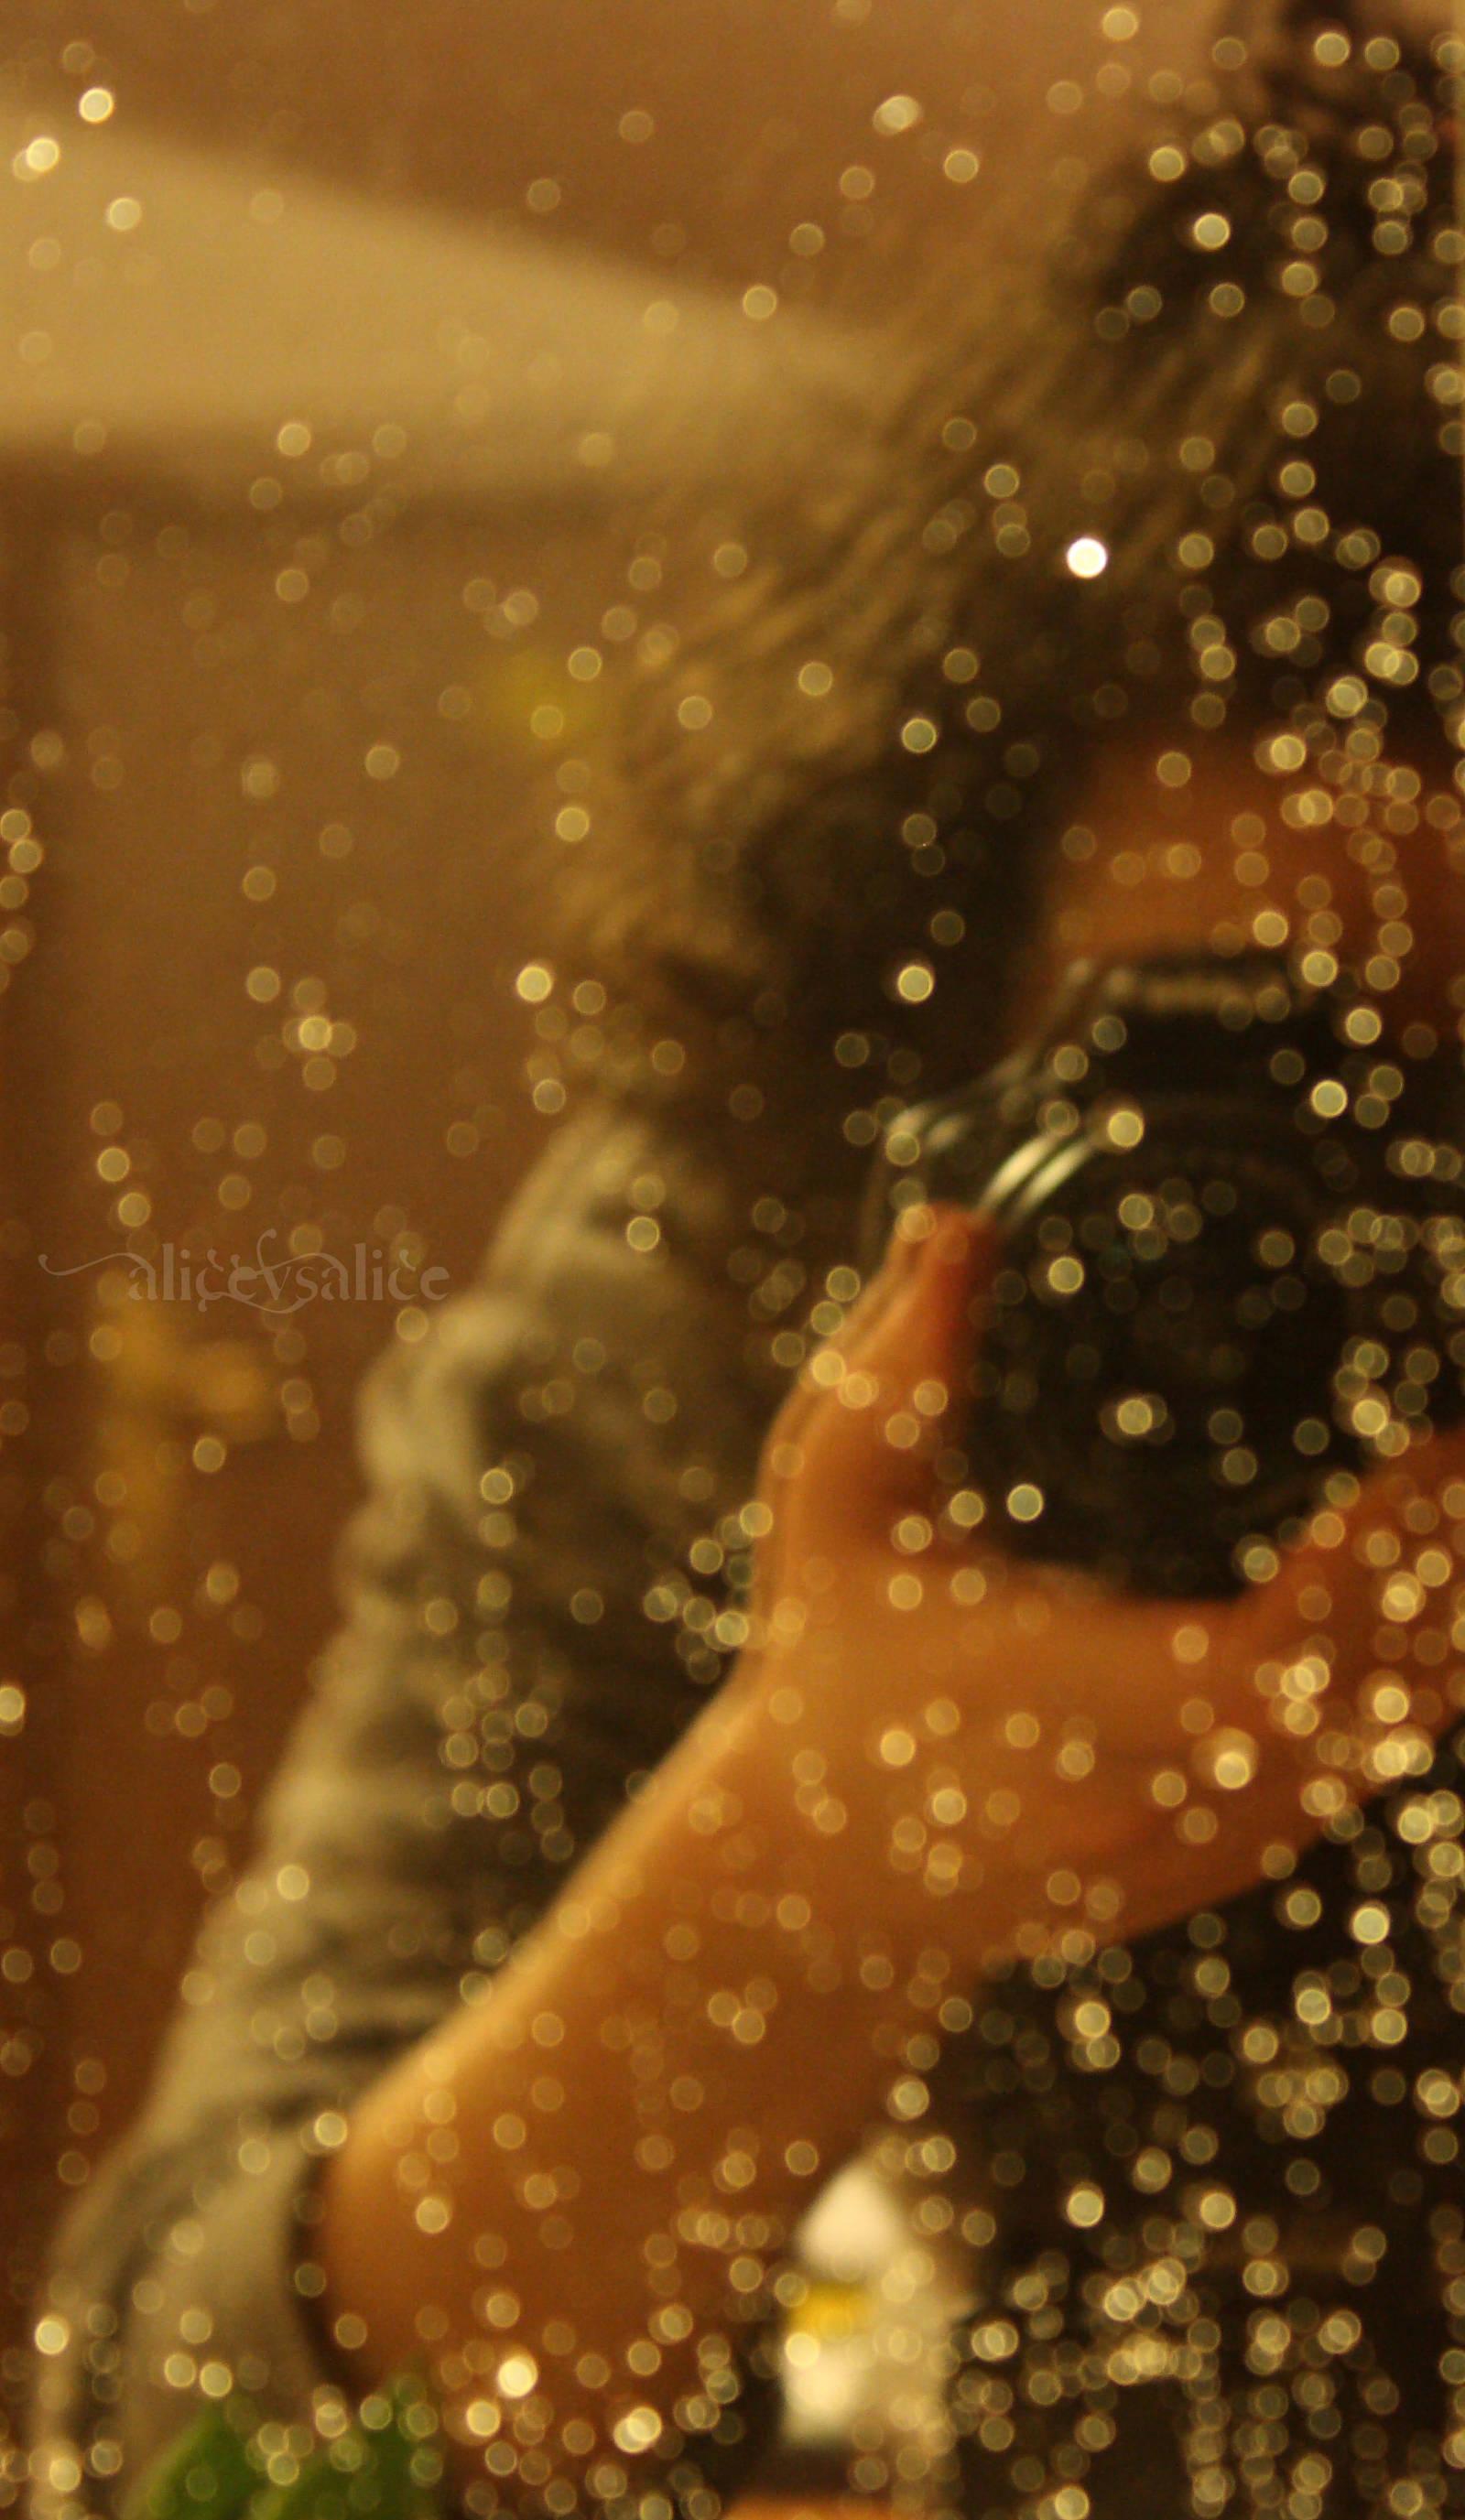 AlicevsAlice's Profile Picture